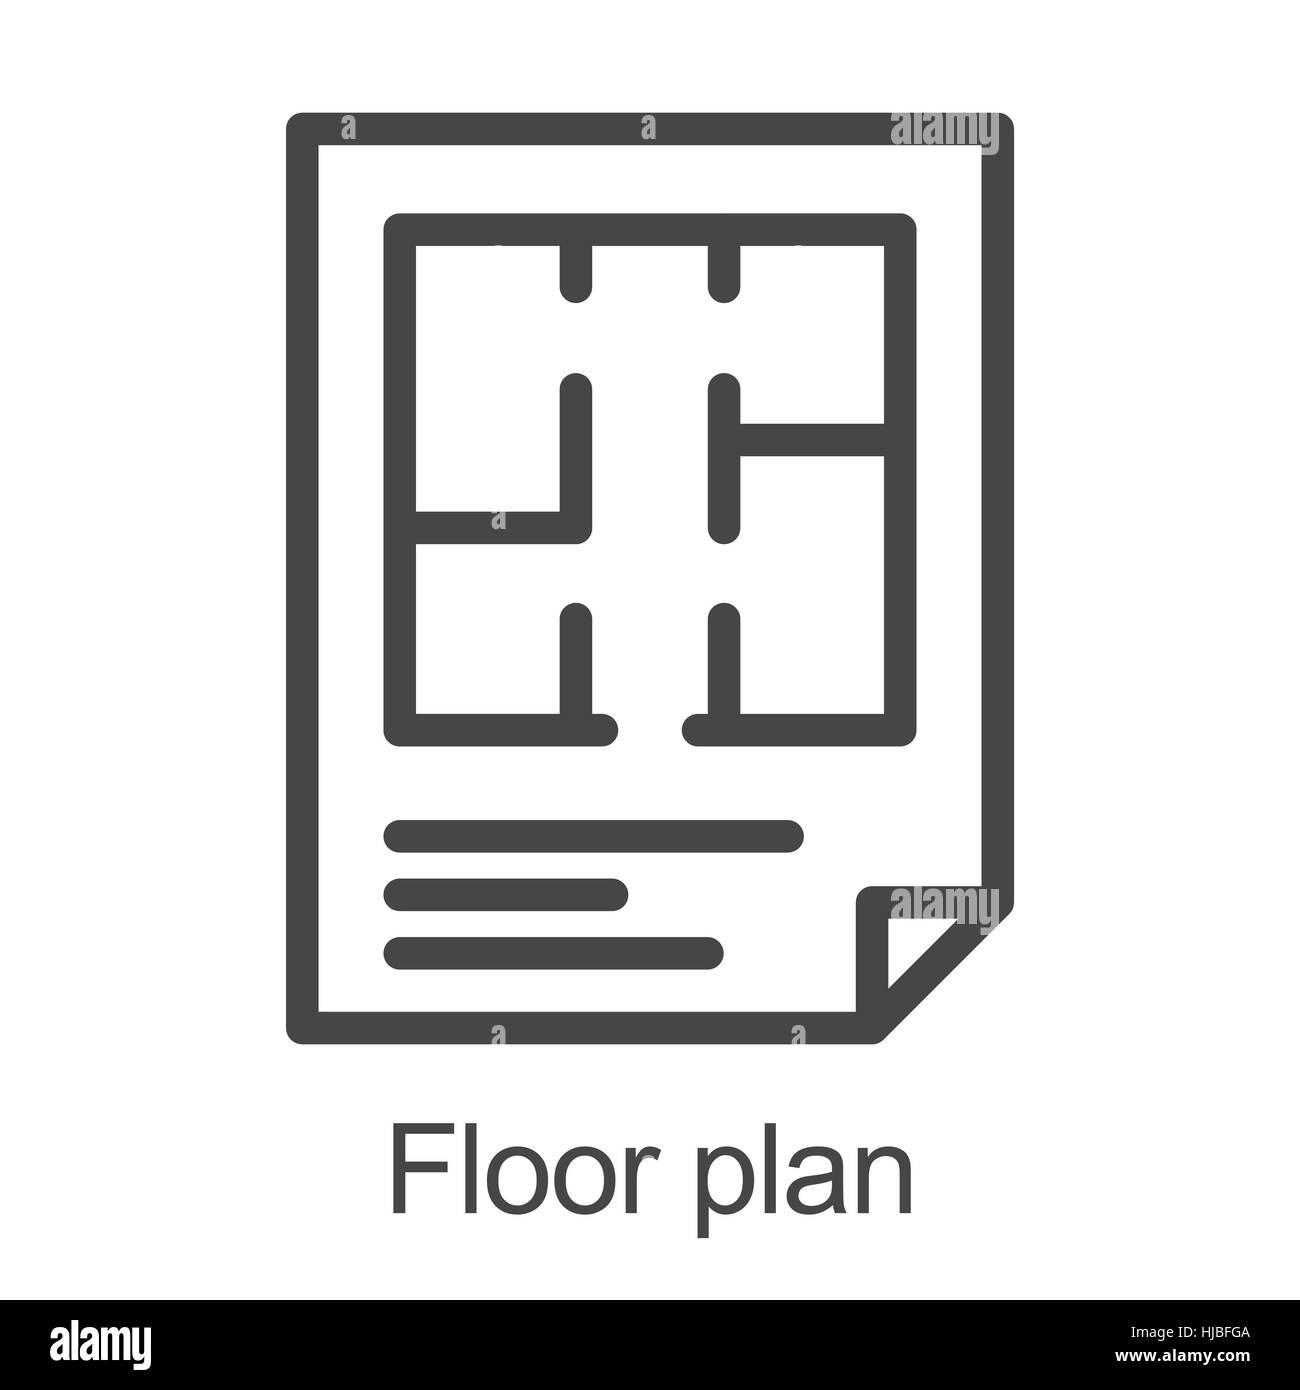 flat floor plan icon stock vector art illustration